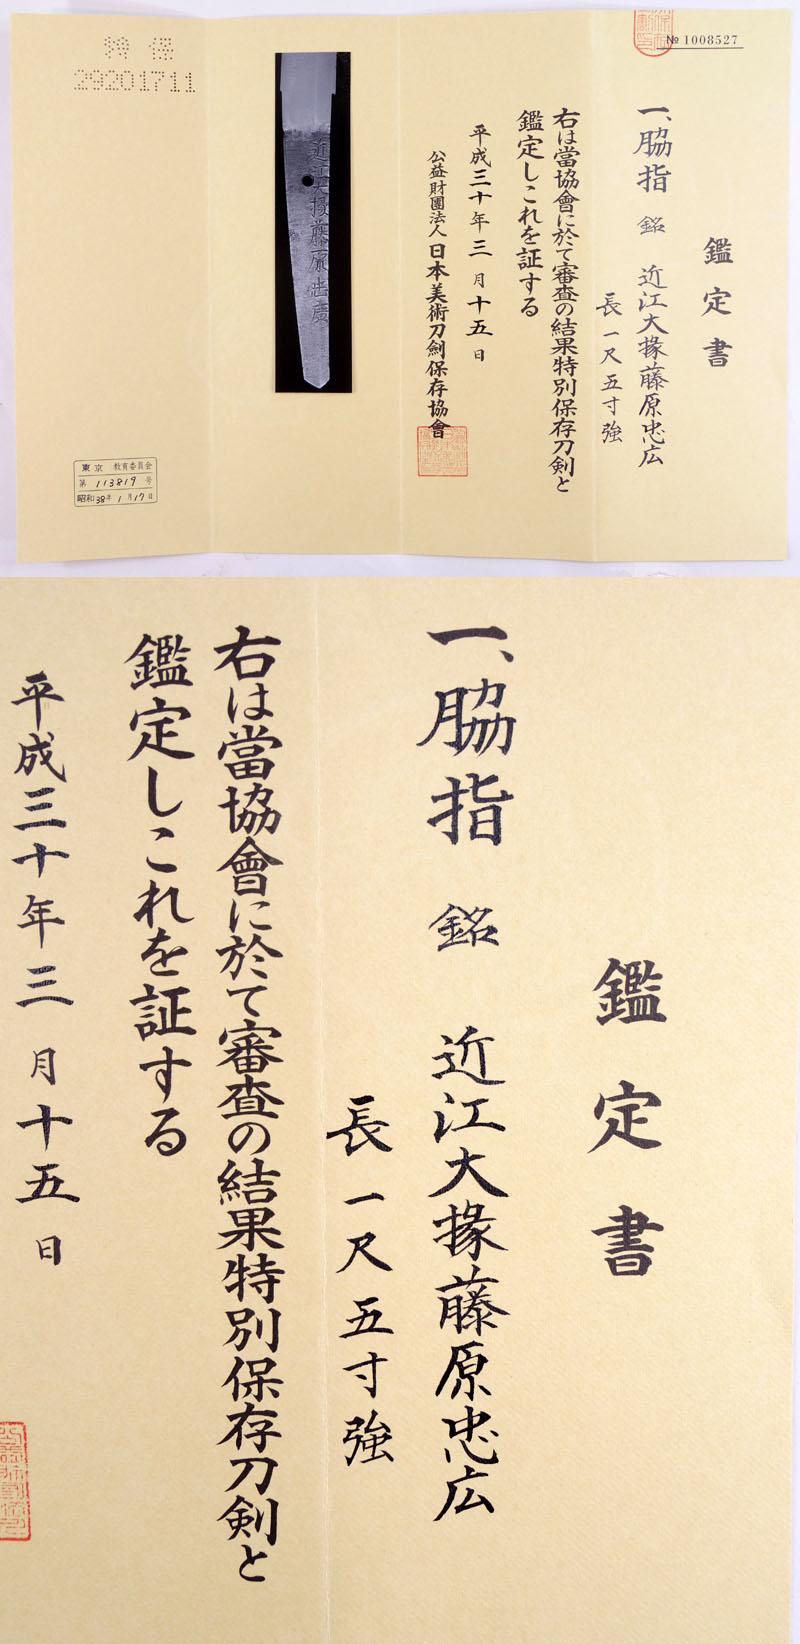 近江大掾藤原忠広 Picture of Certificate